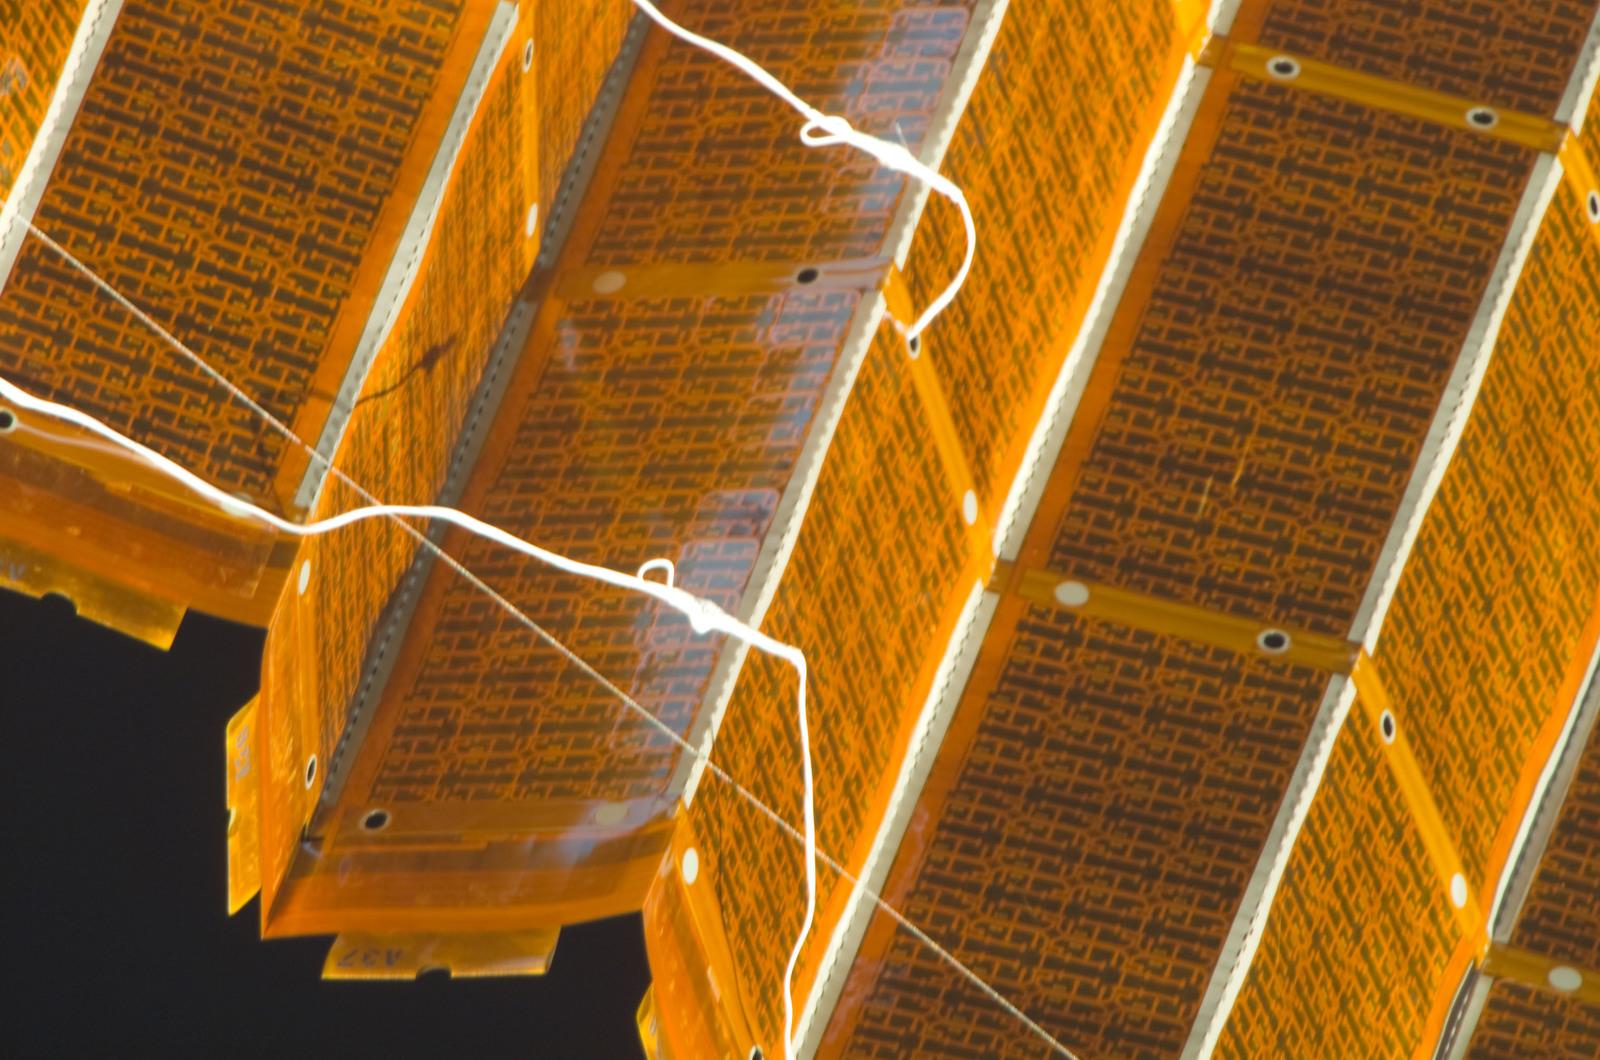 S120E008422 - STS-120 - EVA 4 - P6 4B solar array